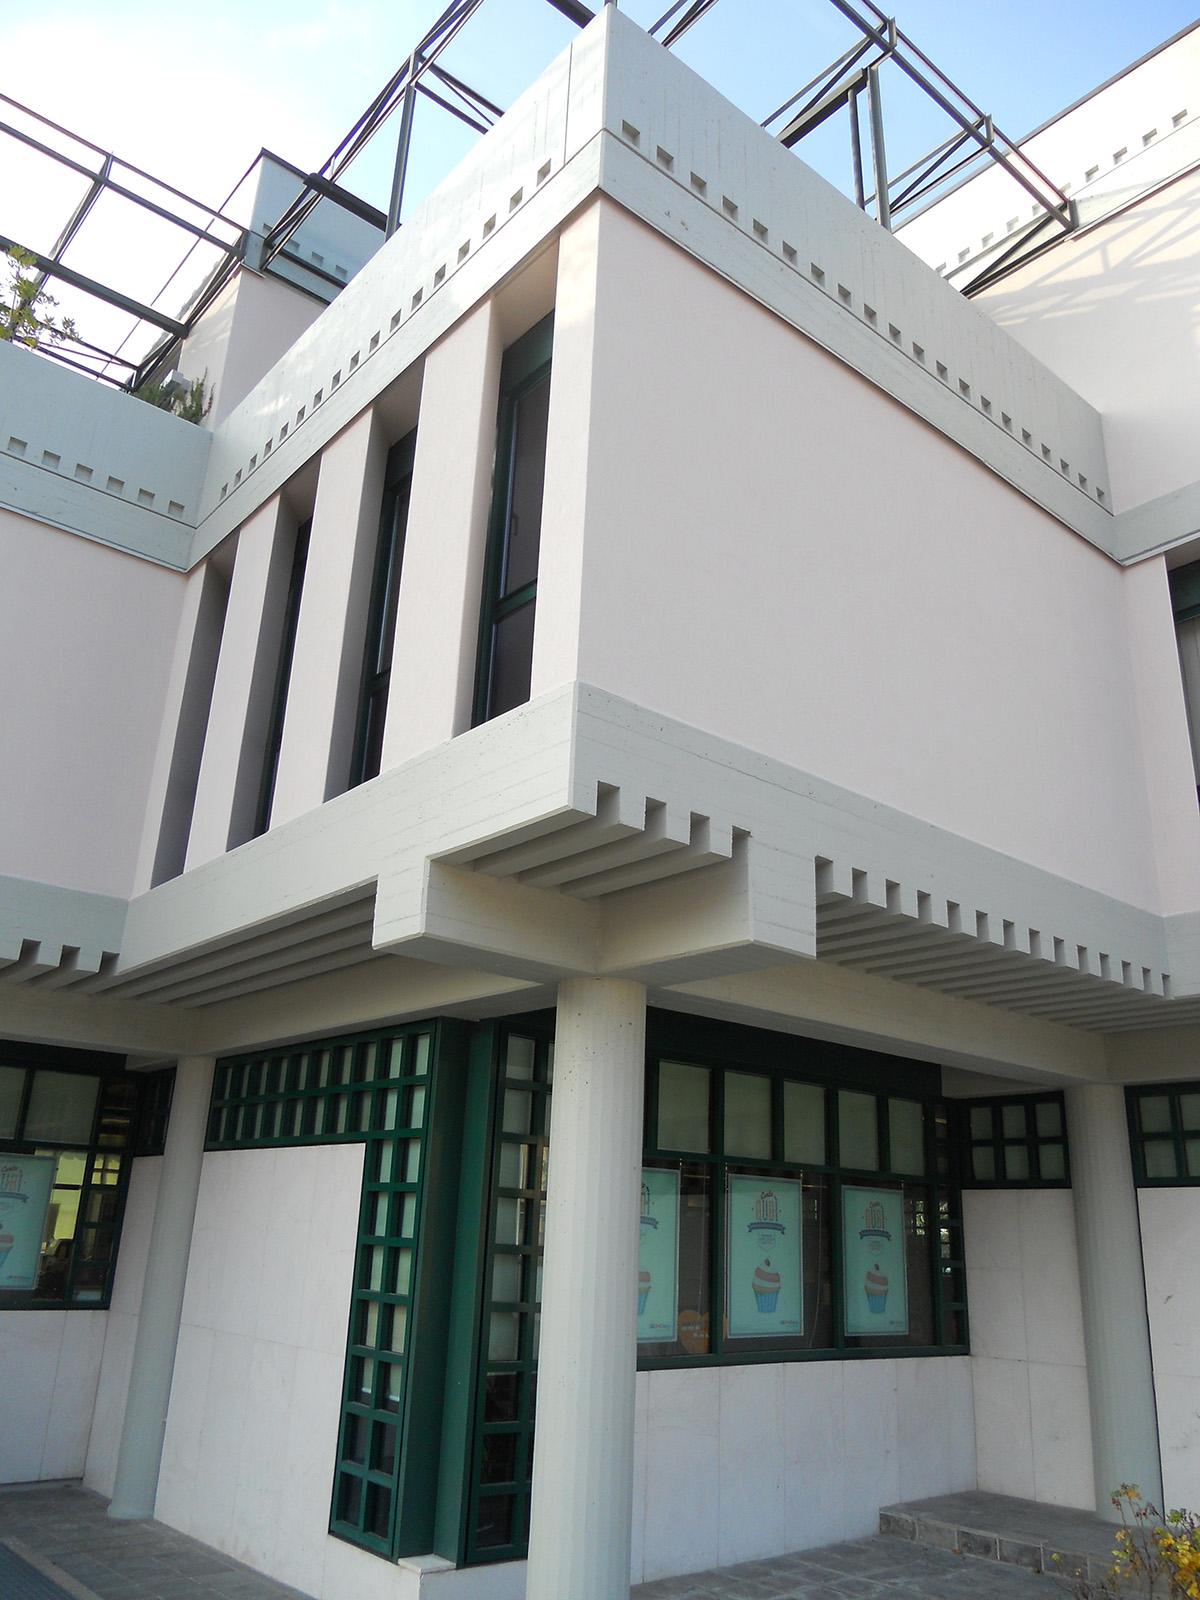 Nembro (BG) – Piazza della Libertà – Risanamento UBI Banca